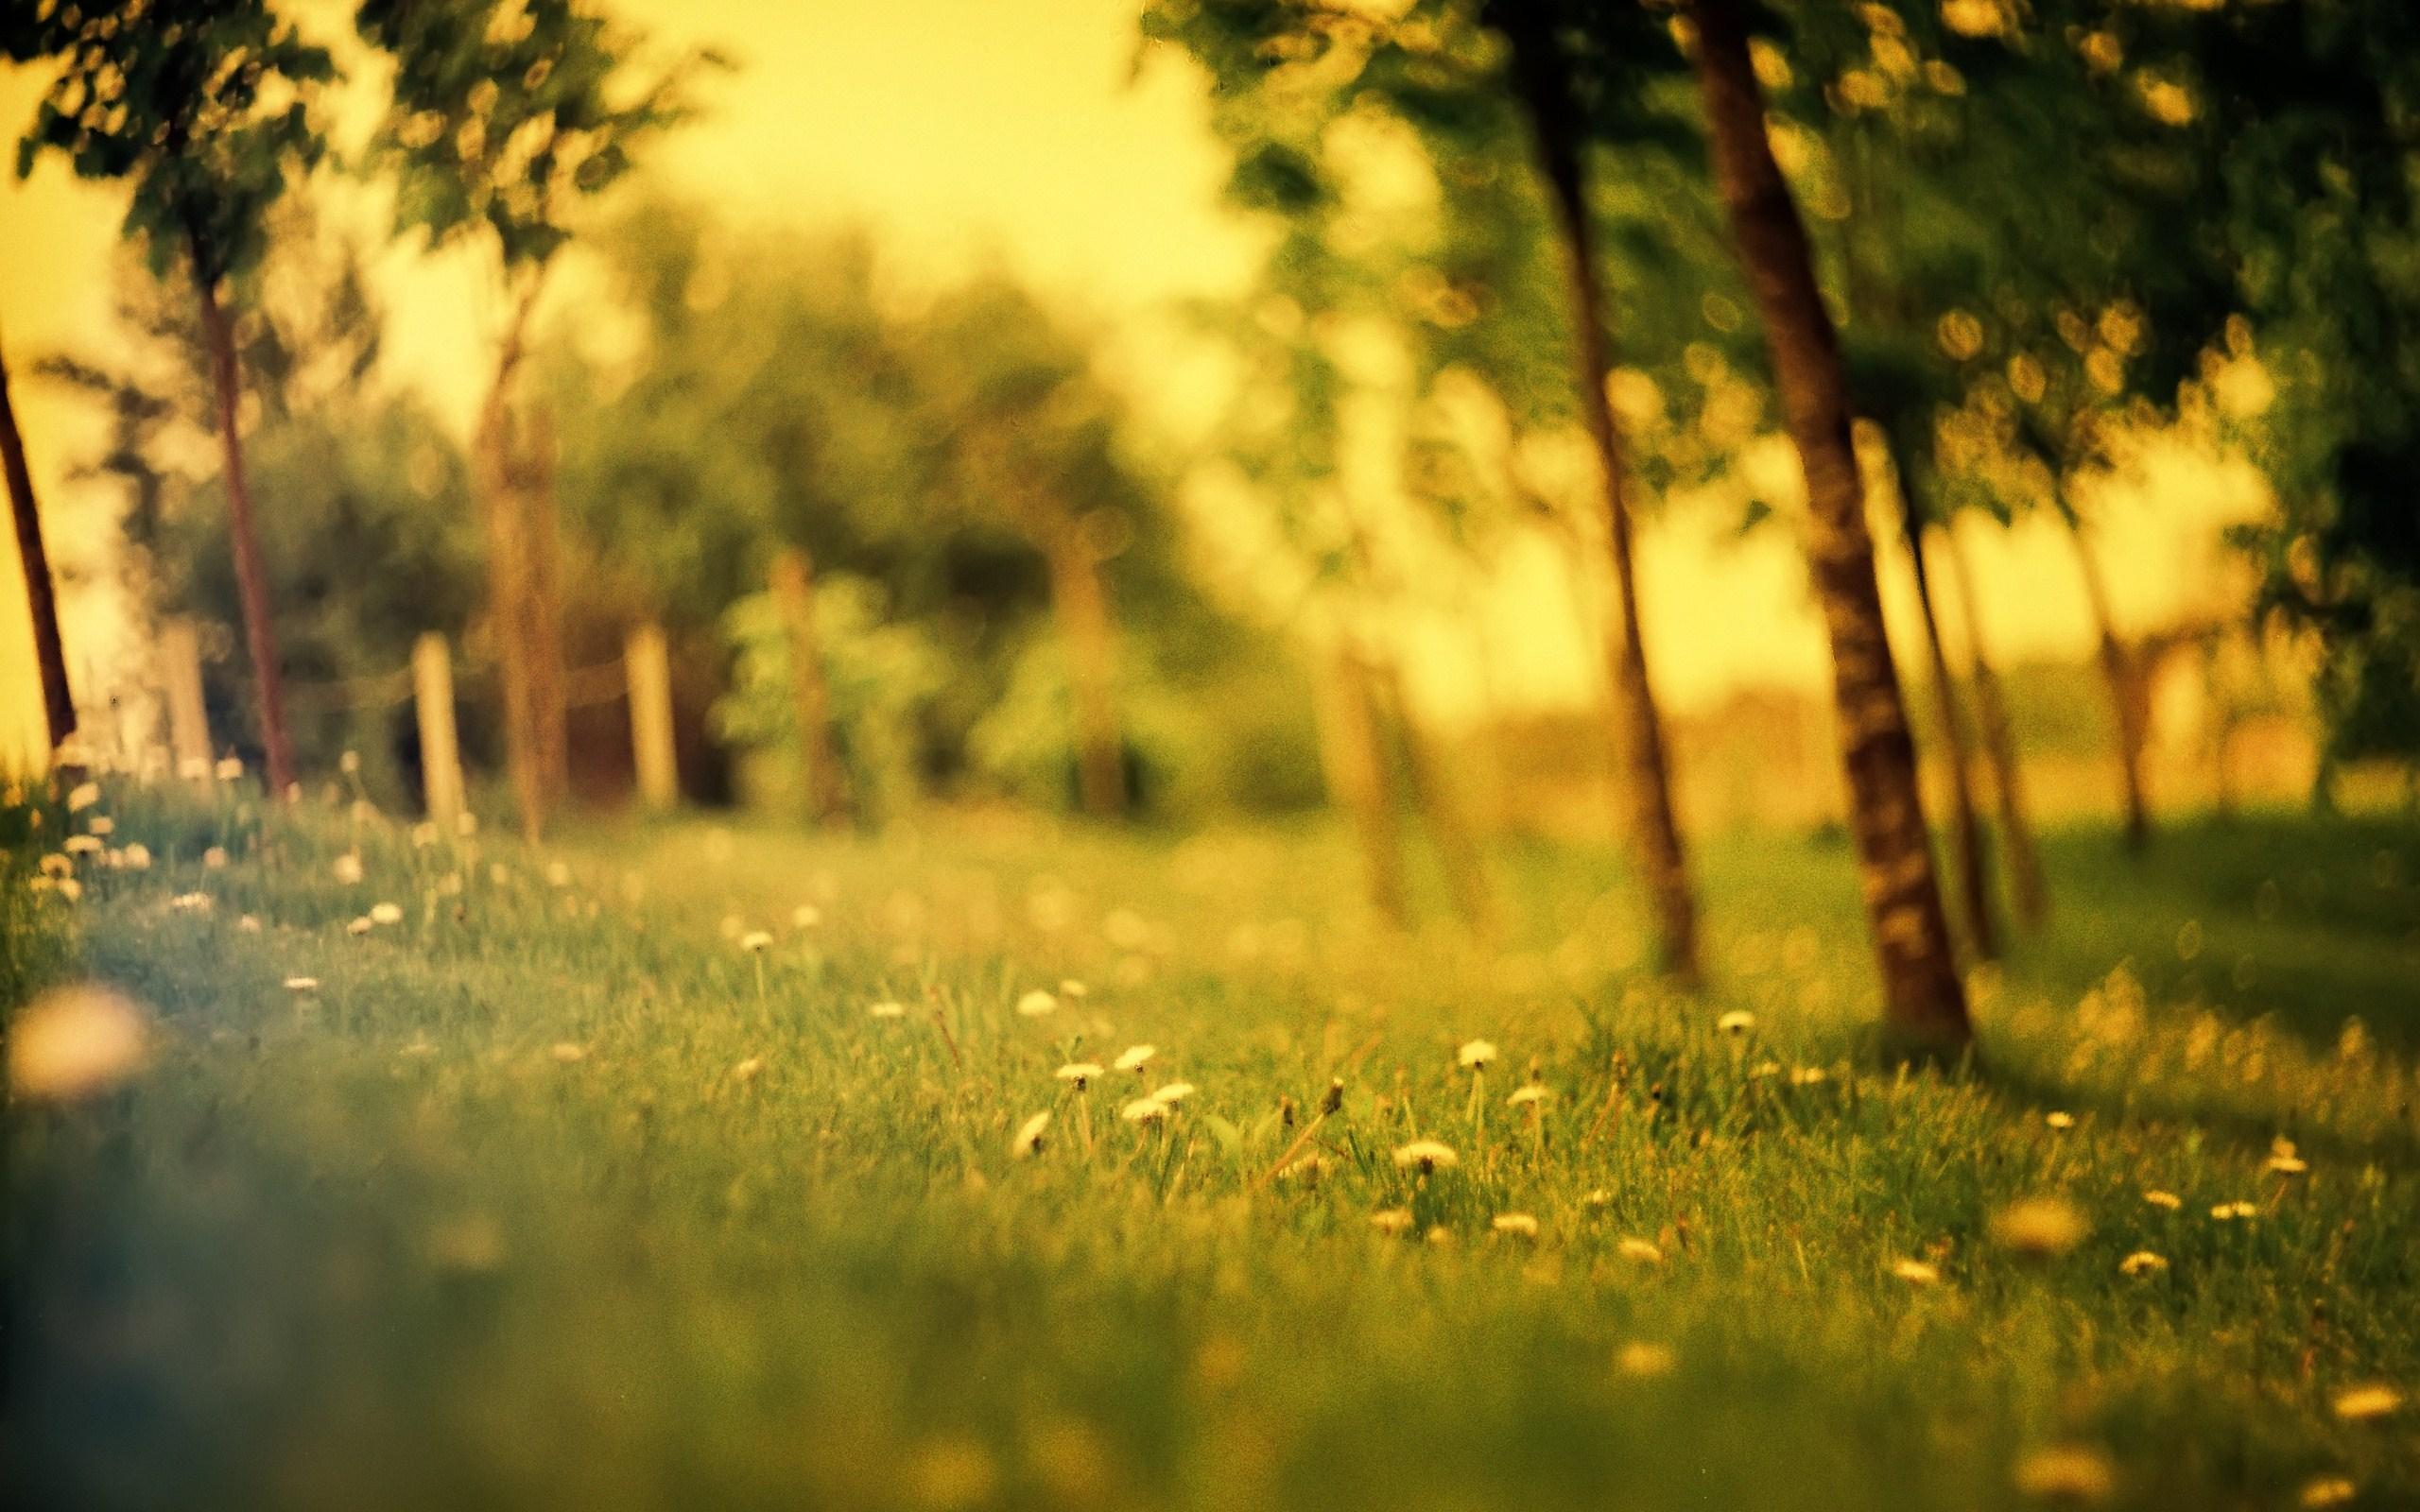 Grass Field Summer Wallpaper 2560x1600